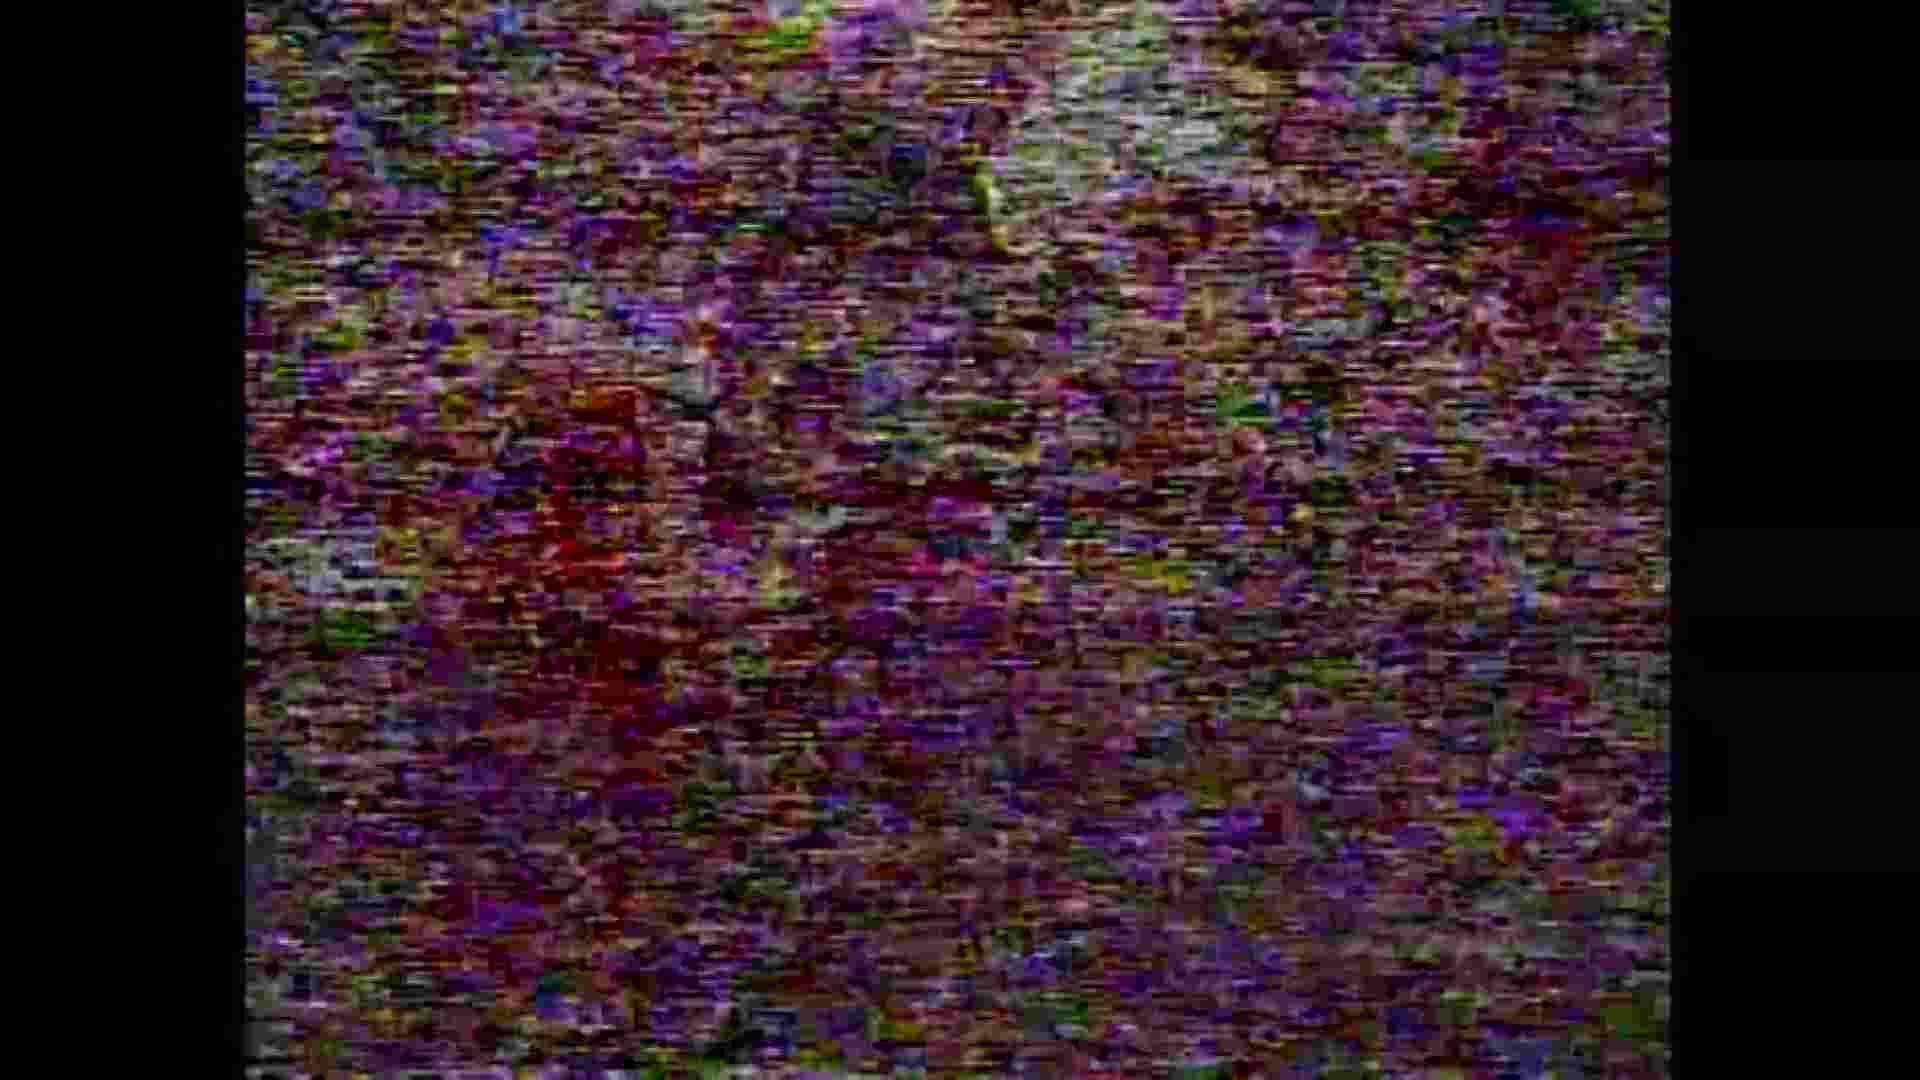 レース場での秘め事 Vol.11 OLのボディ 性交動画流出 75PIX 42